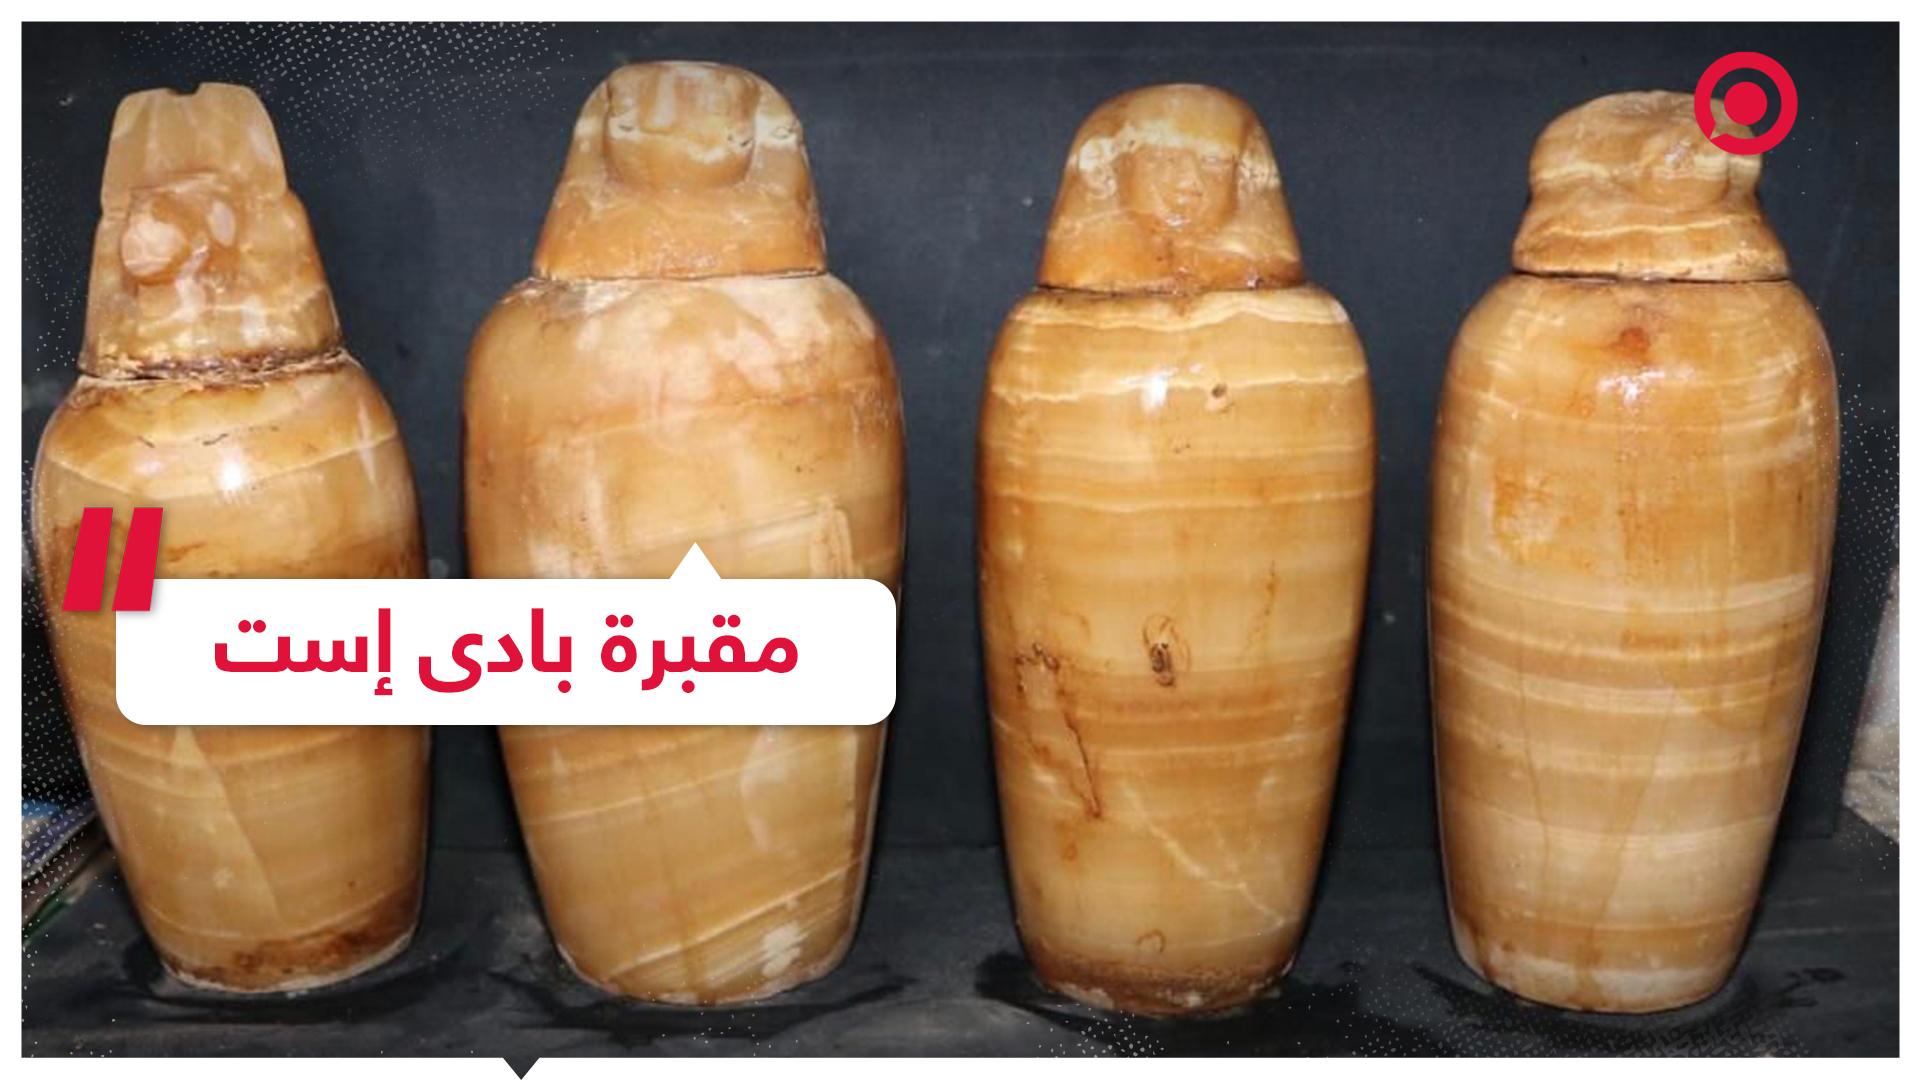 مصر.. اكتشاف أثري مذهل بالعثور على مدفن المشرف على الخزانة الملكية